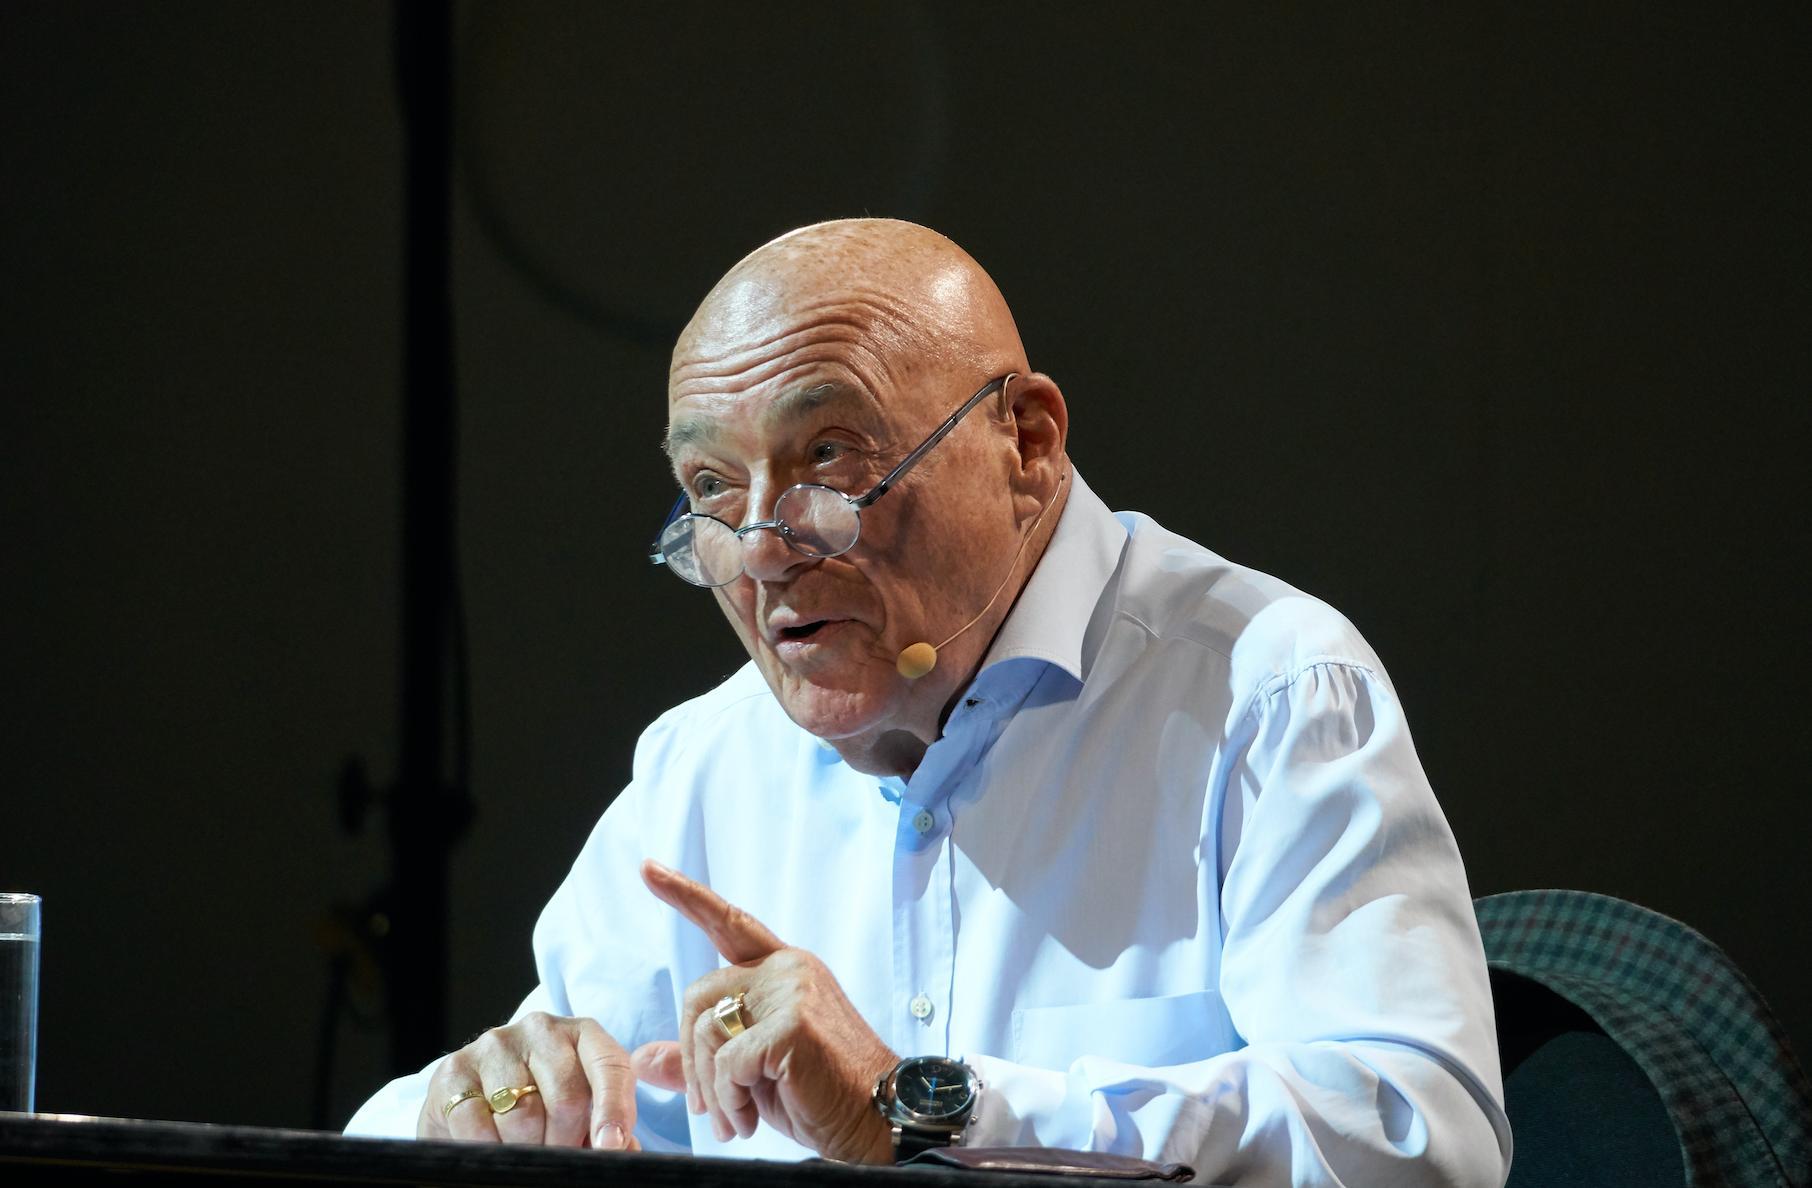 Познер раскрыл причину враждебного отношения американцев к России